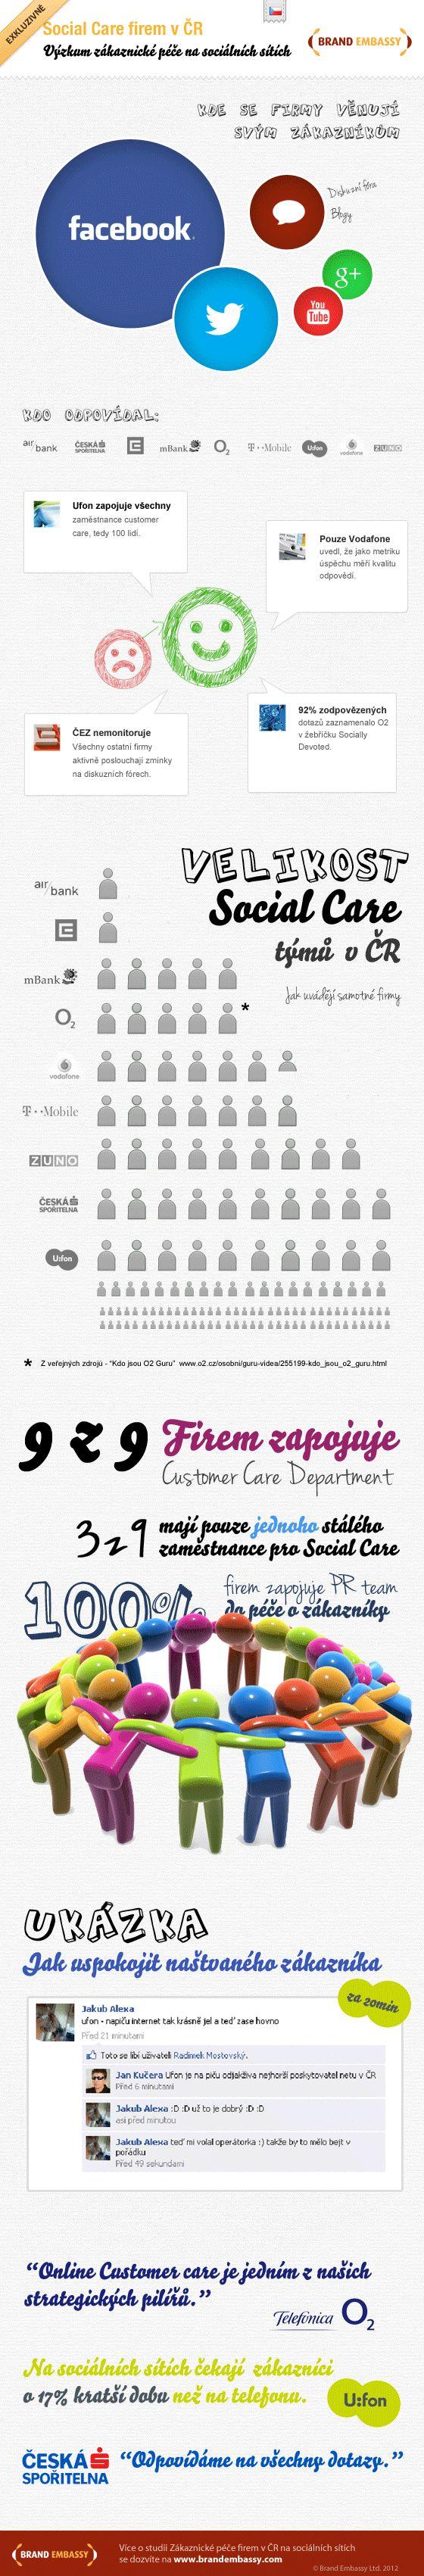 Jak to vypadá se zákaznickým servisem v Česku? U:fon má v oblasti Social Care megatým!